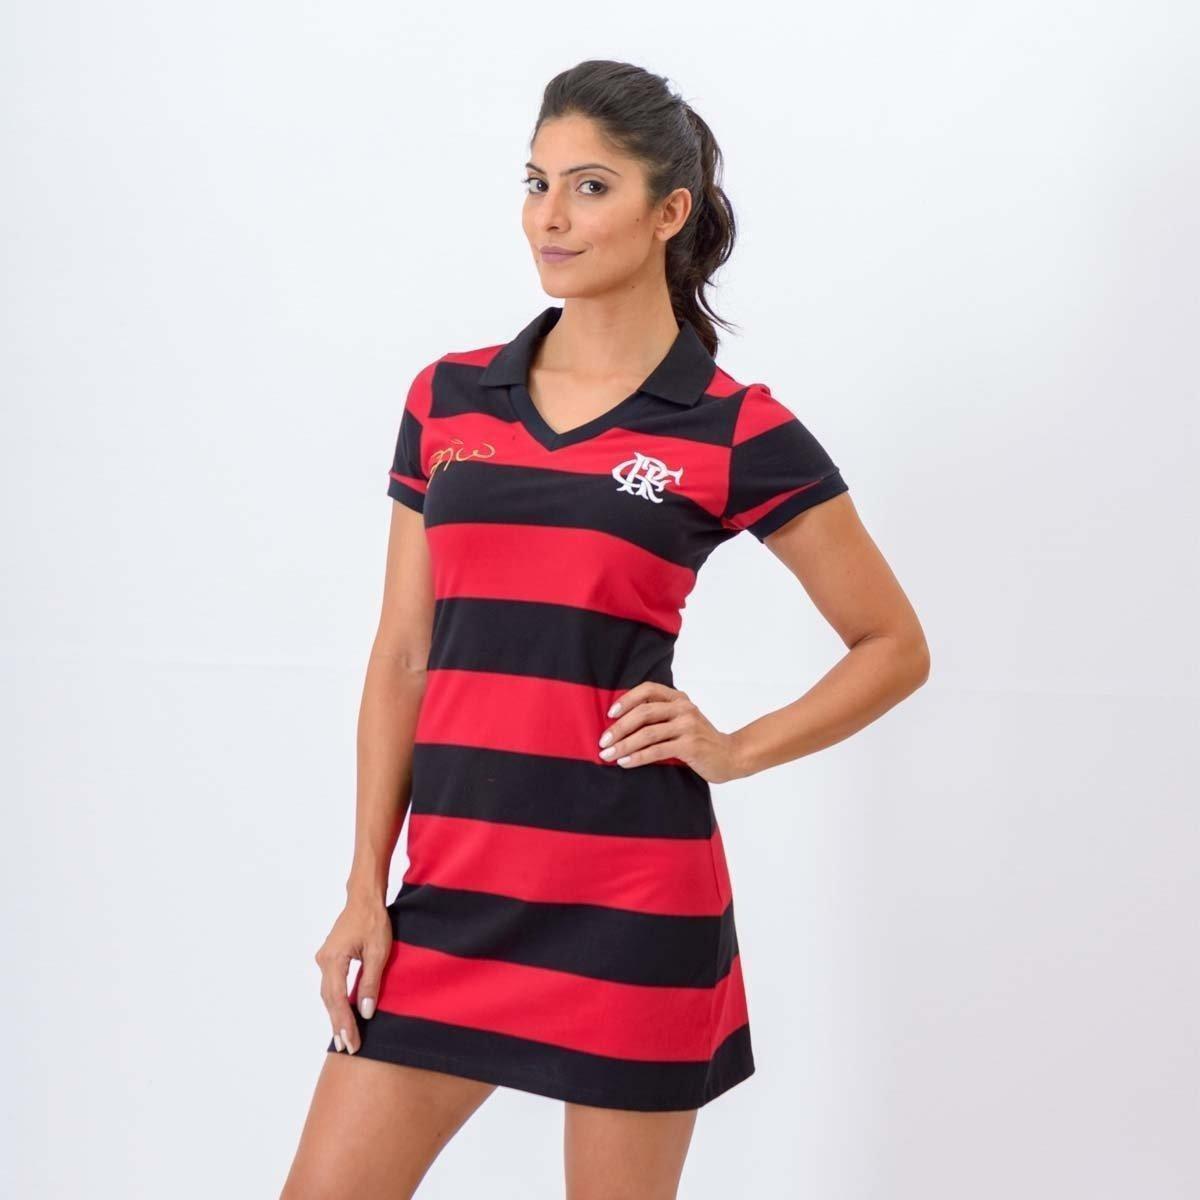 a9f115df71 Vestido Flamengo Milly Braziline - Preto e Vermelho - Compre Agora ...